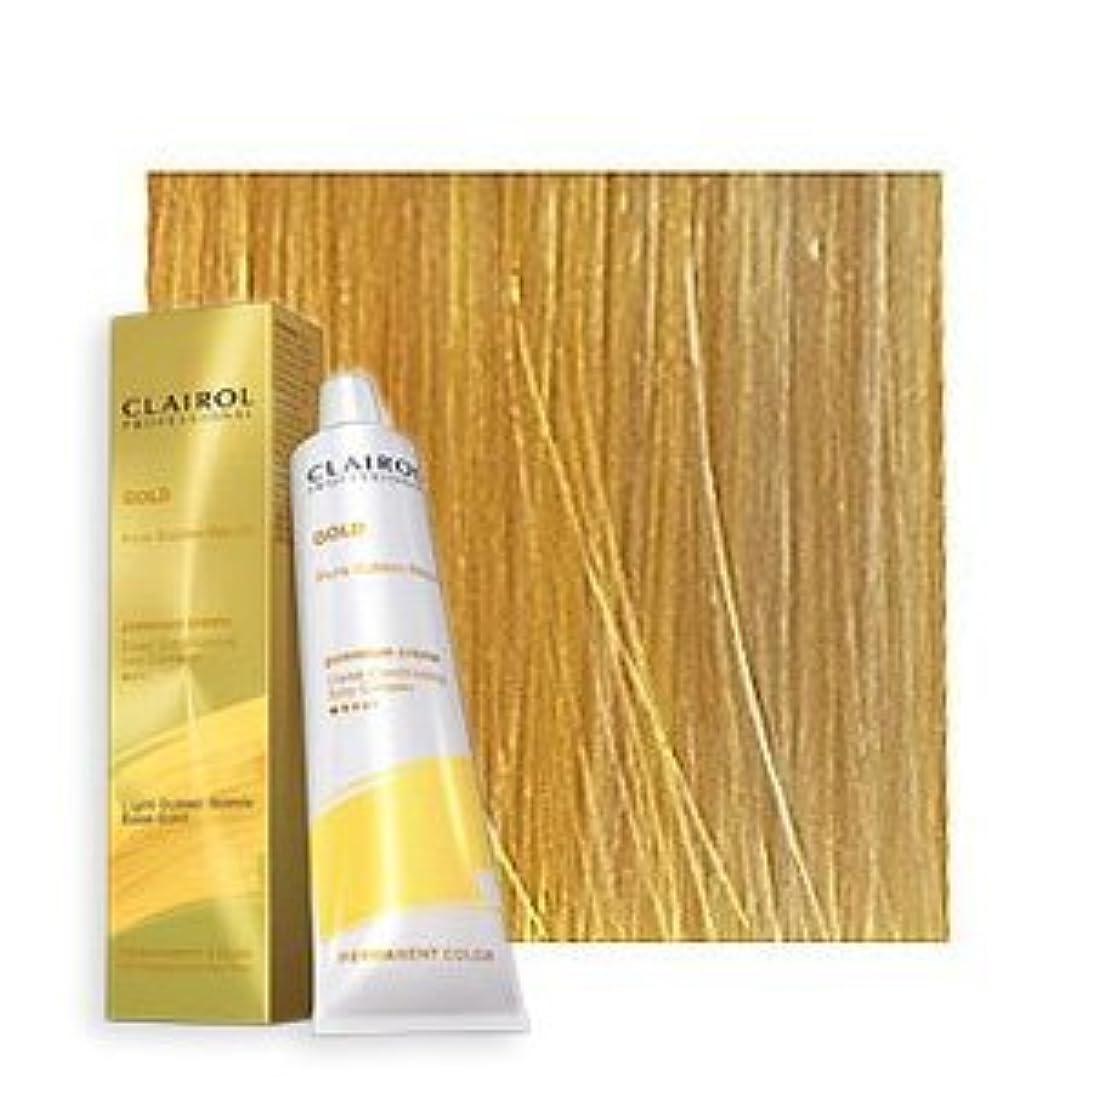 ムスタチオ縮約中にClairol Professional - SOY4PLEX - Lightest Golden Blonde 10G - 2 oz / 57 g